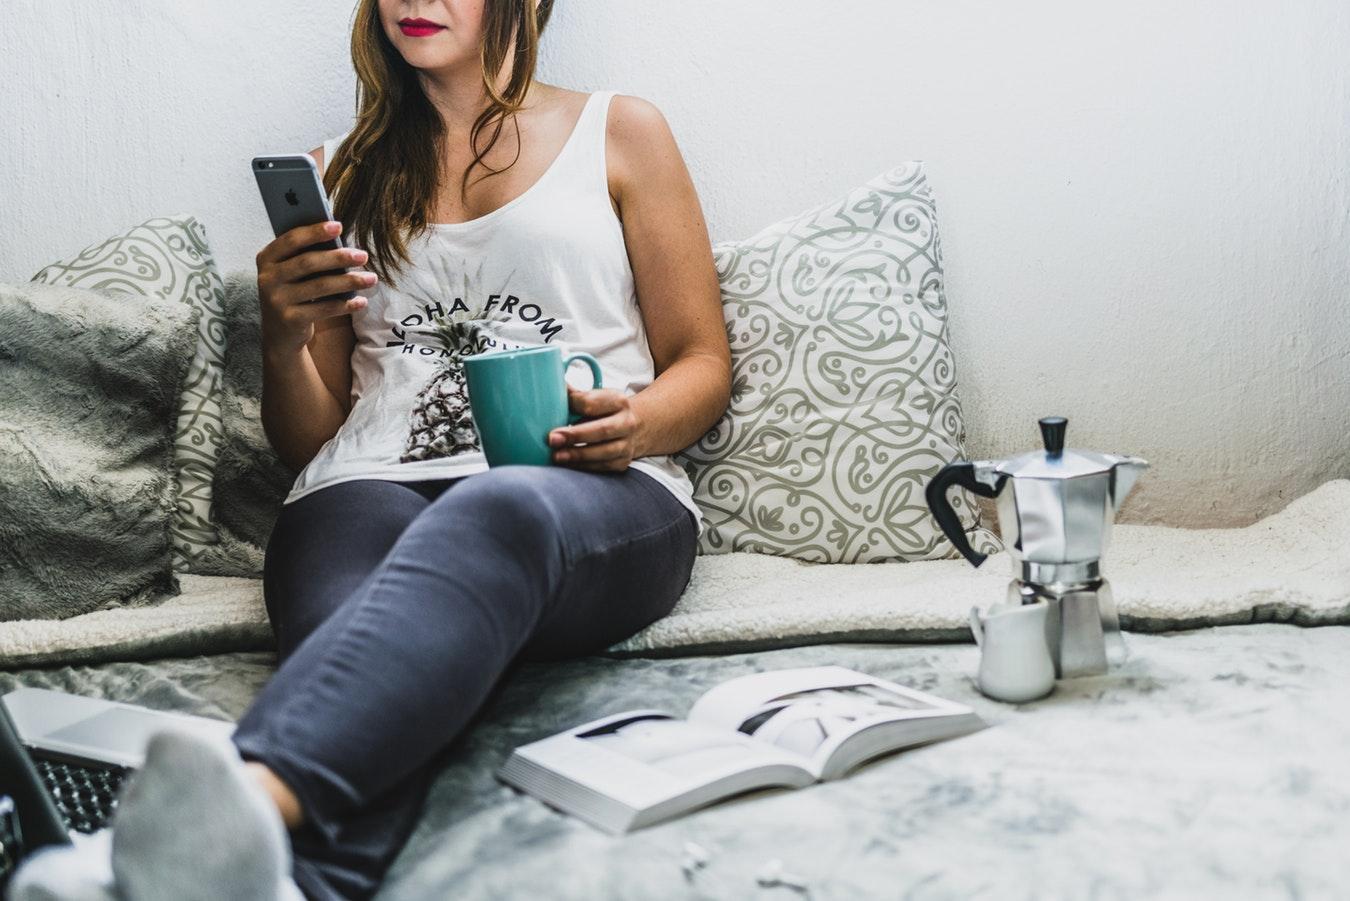 pessoa romando café com livro sobre acama - rotina de estudos